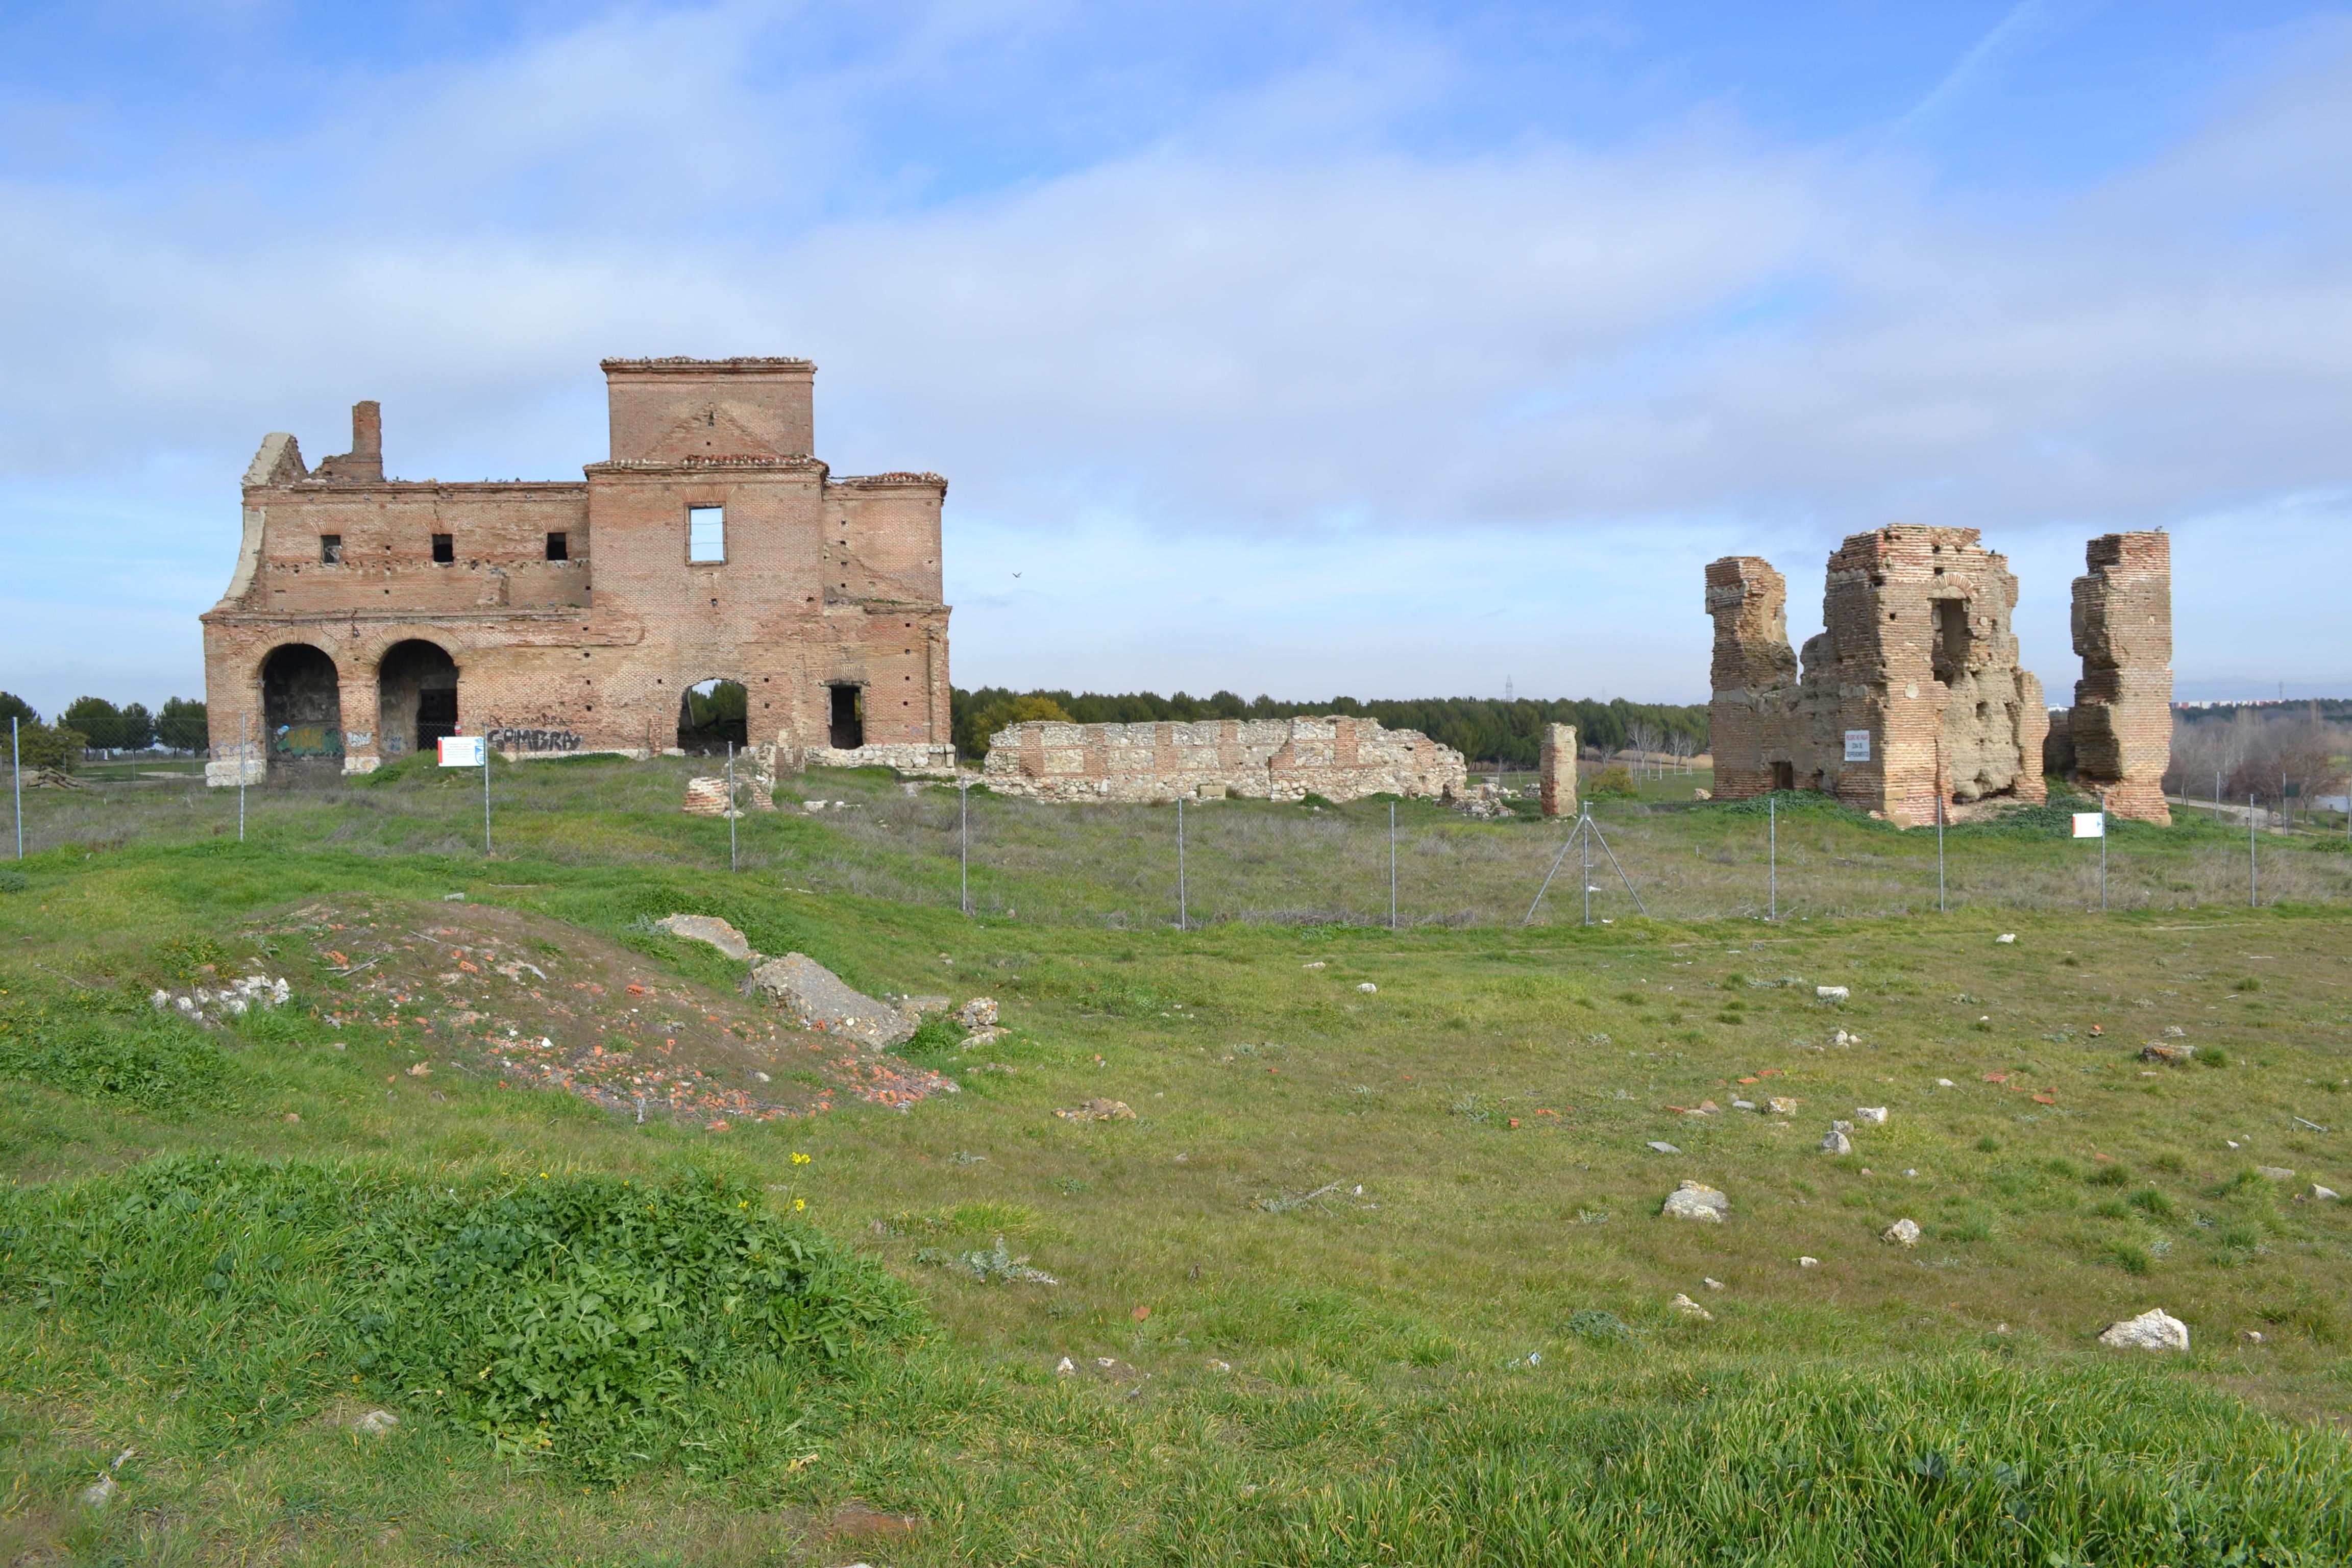 La iglesia de San Pedro y los restos de una casa solariega en Polvoranca